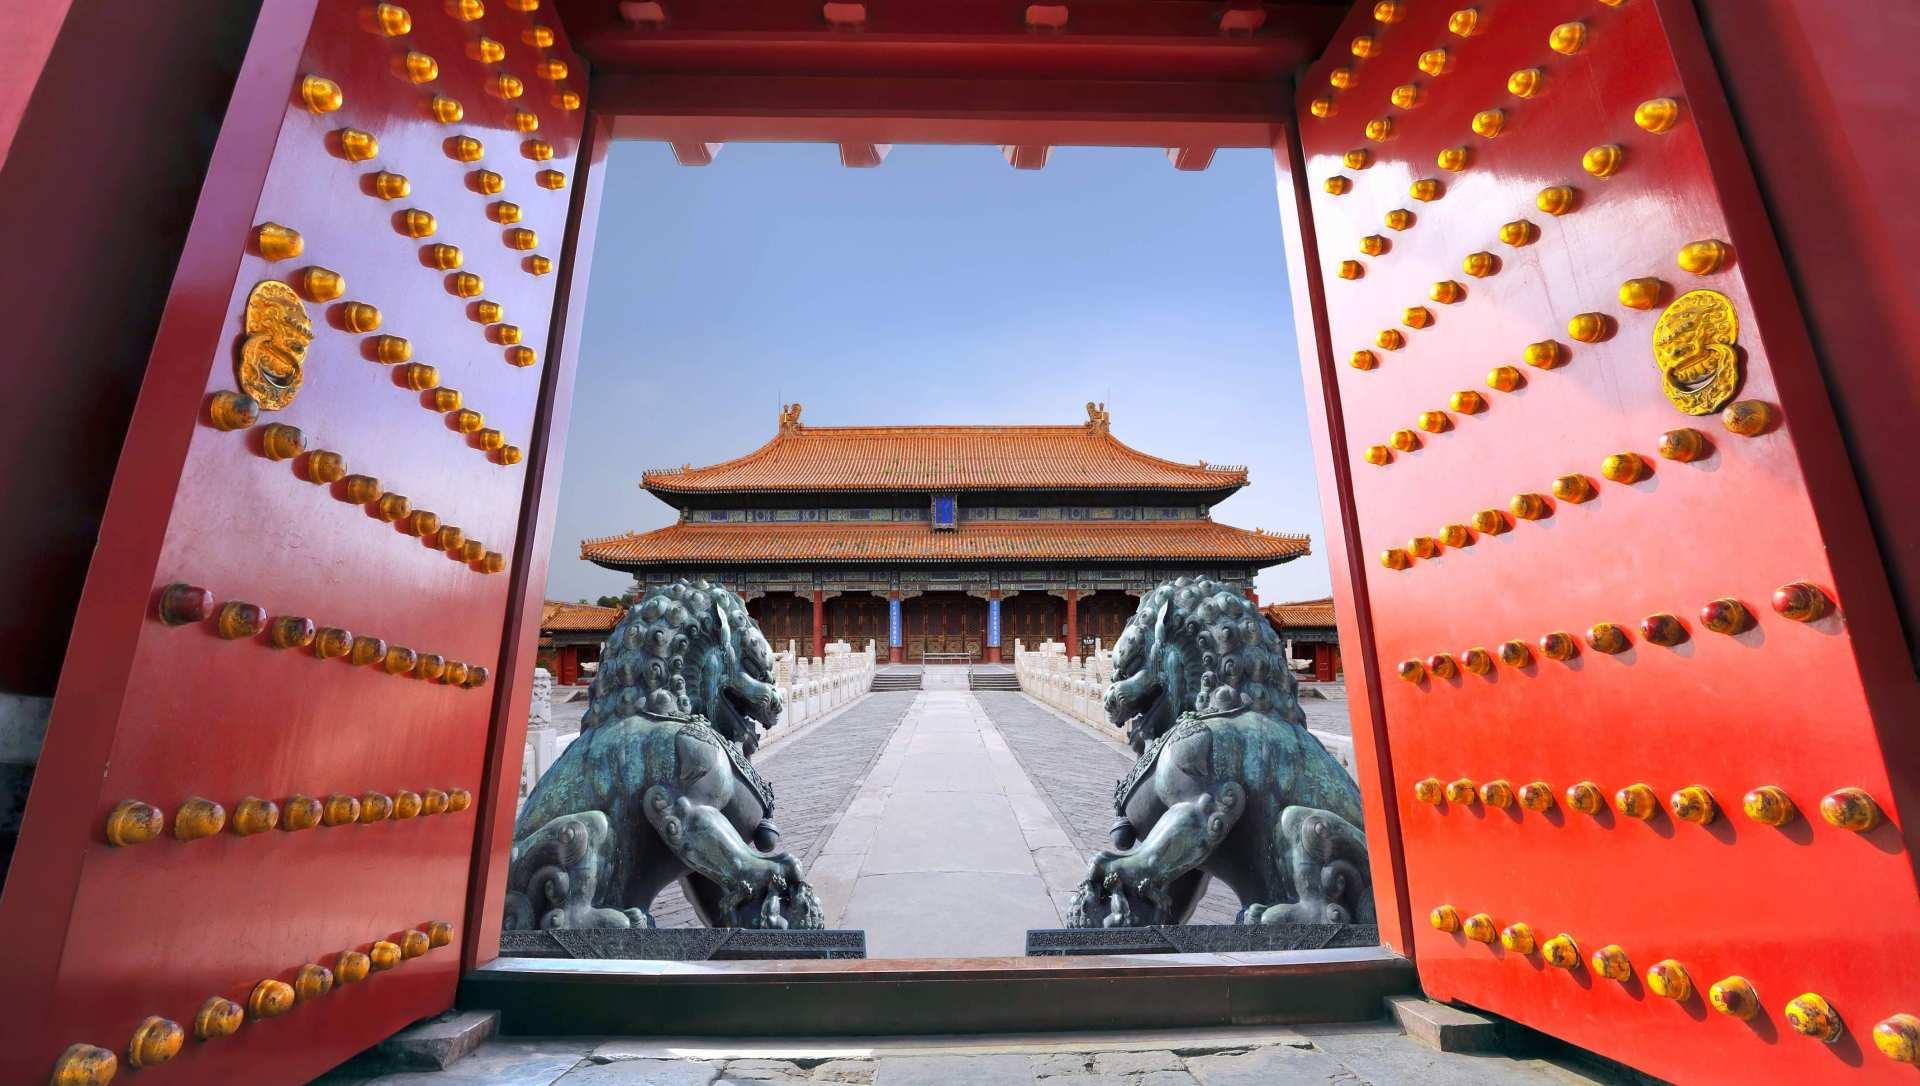 【北京必訪紫禁城】北京故宮博物園門票(含導遊解說、耳麥)